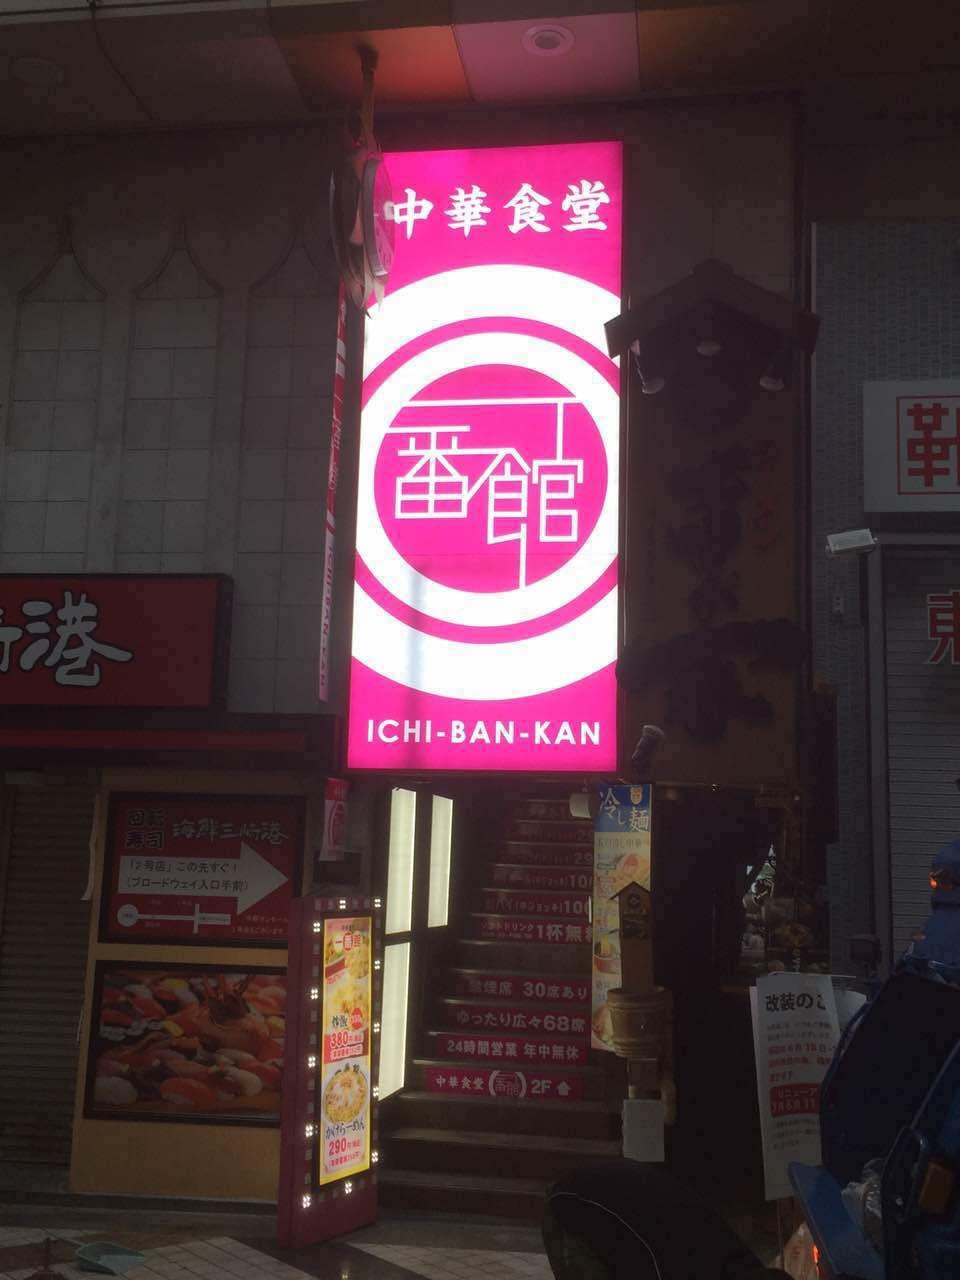 中華食堂 一番館 看板付け替え